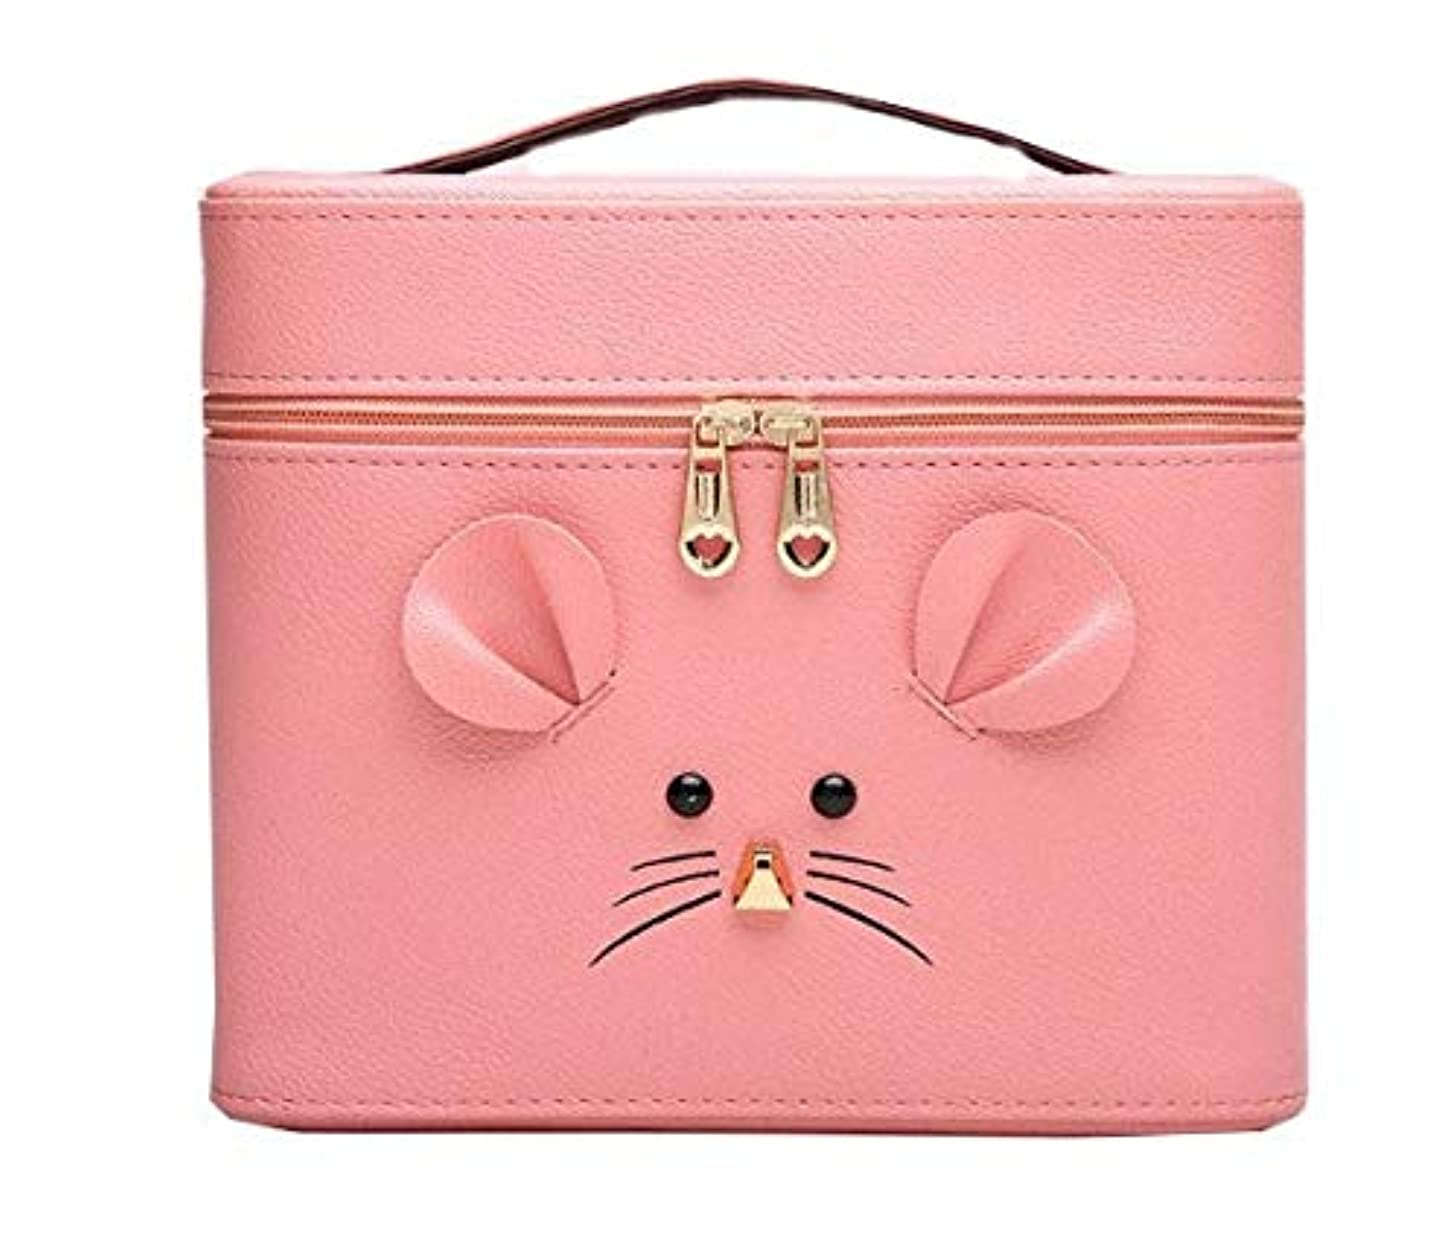 高価なキャプテンブライスペイン語化粧箱、ピンクの漫画のマウスの化粧箱、携帯用旅行化粧品の箱、美の釘の宝石類の収納箱 (Size : L)